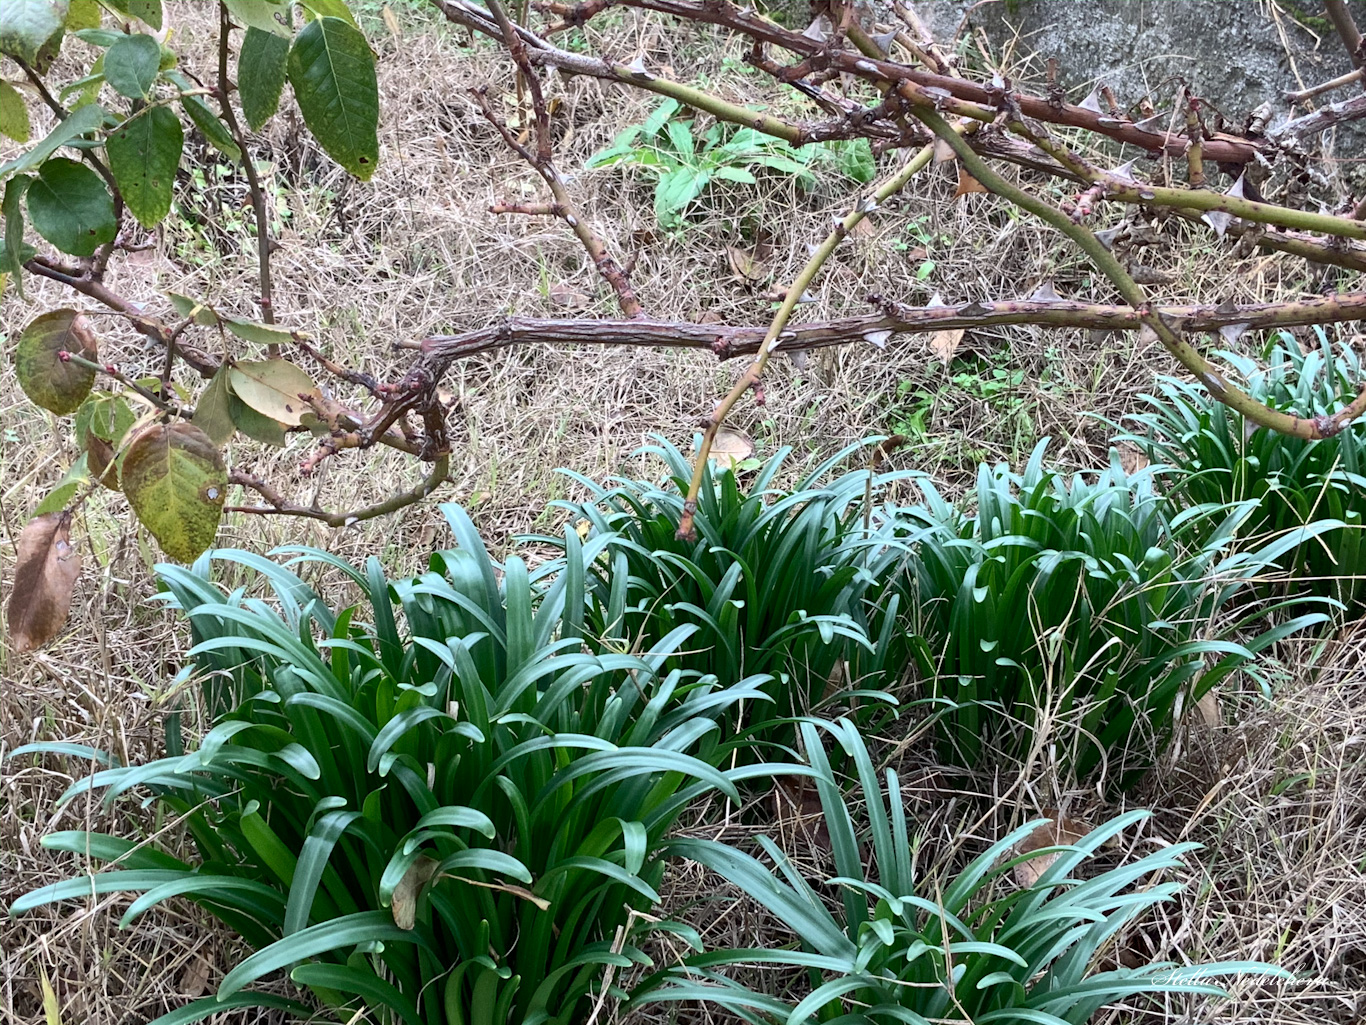 Végétation à l'approche de l'hiver